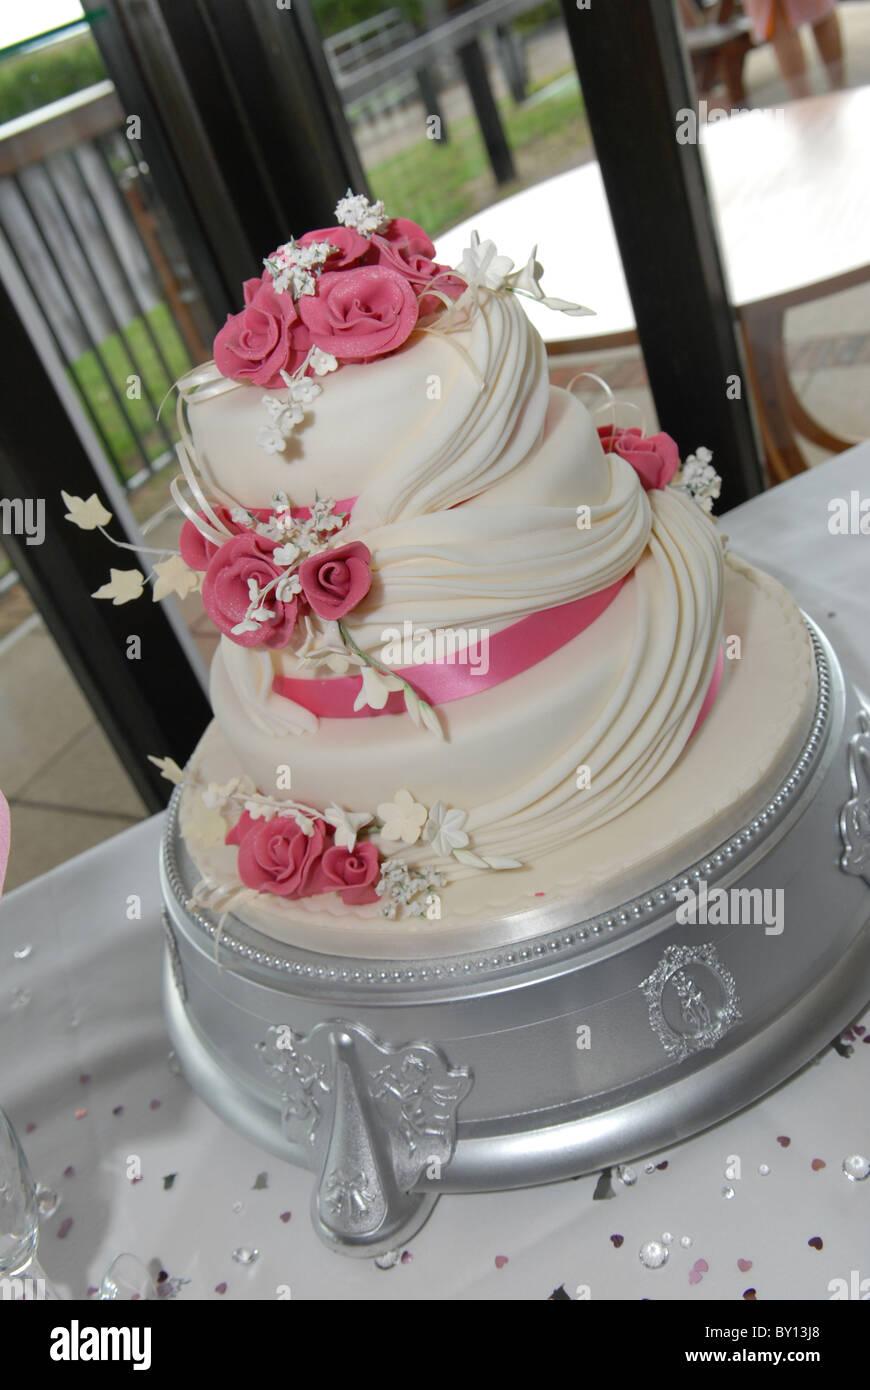 Gesamtansicht Der Eine Hochzeitstorte Mit Rosa Rosen Auf Einem